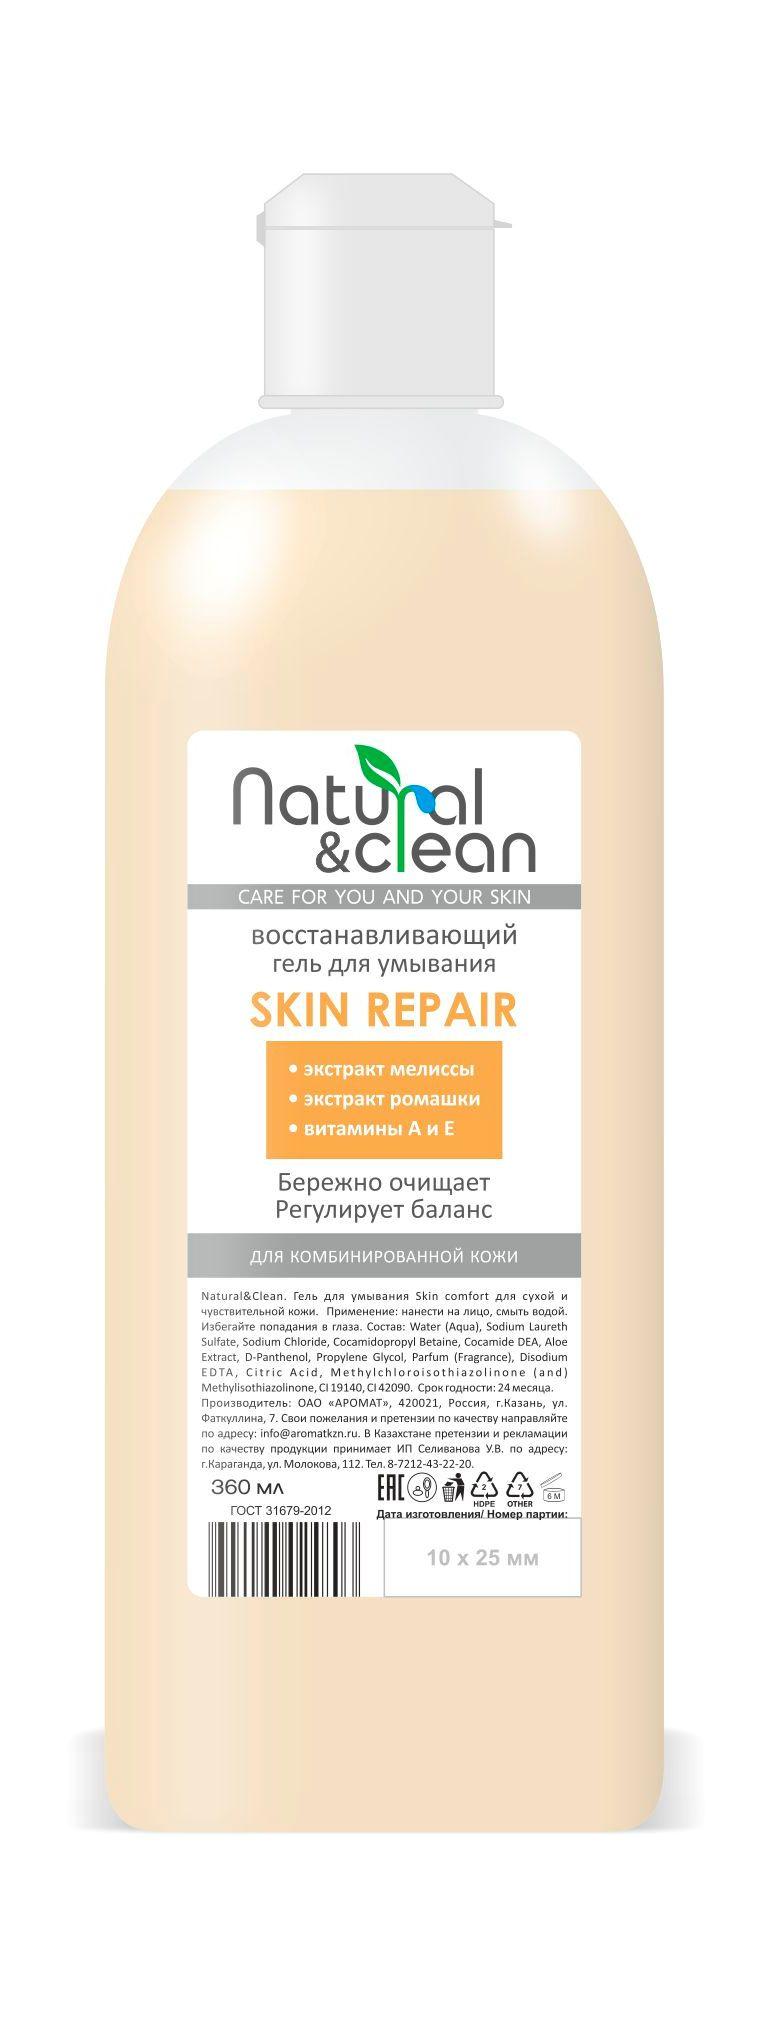 Гель для умывания NATURAL&CLEANВосстанавливающий Skin Repair для комбинированной кожи, 360 мл NATURAL&CLEAN